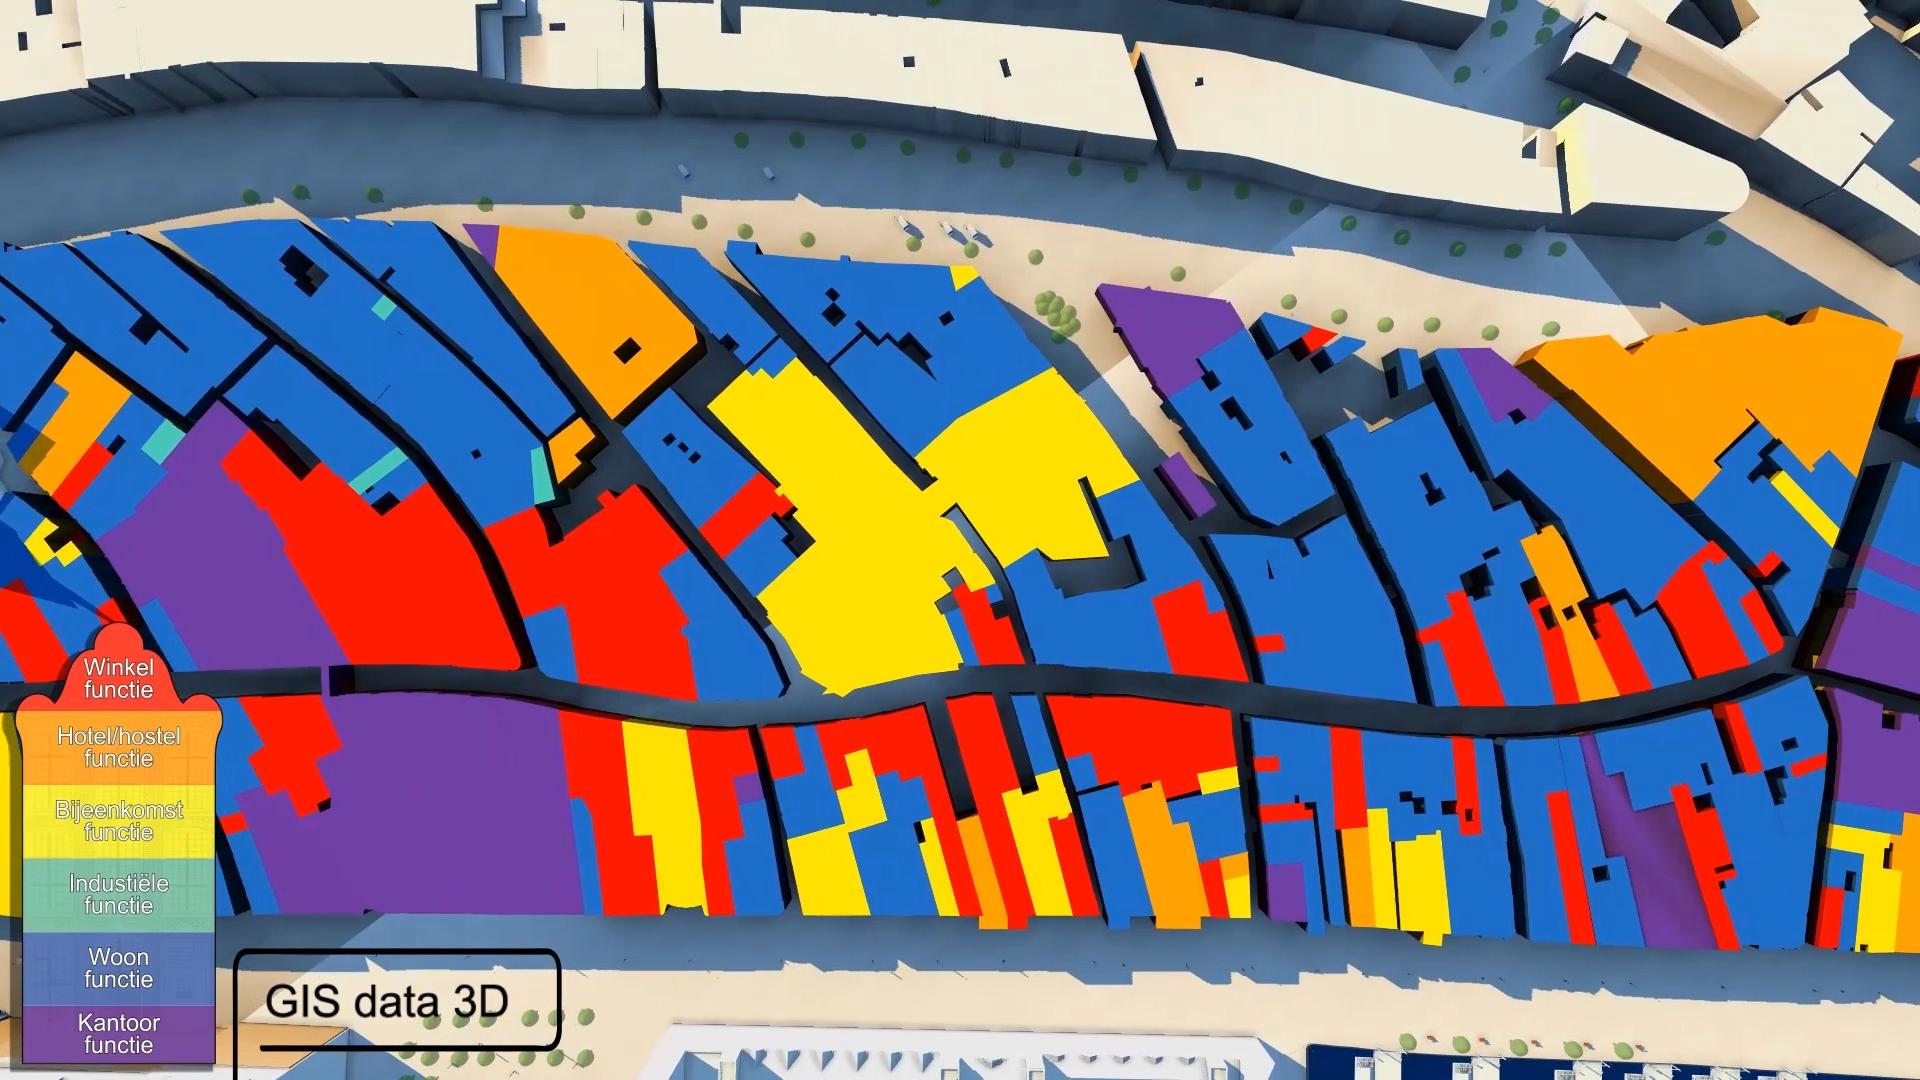 Bestemmingsplan gecategoriseerd op kleur, de Dam.